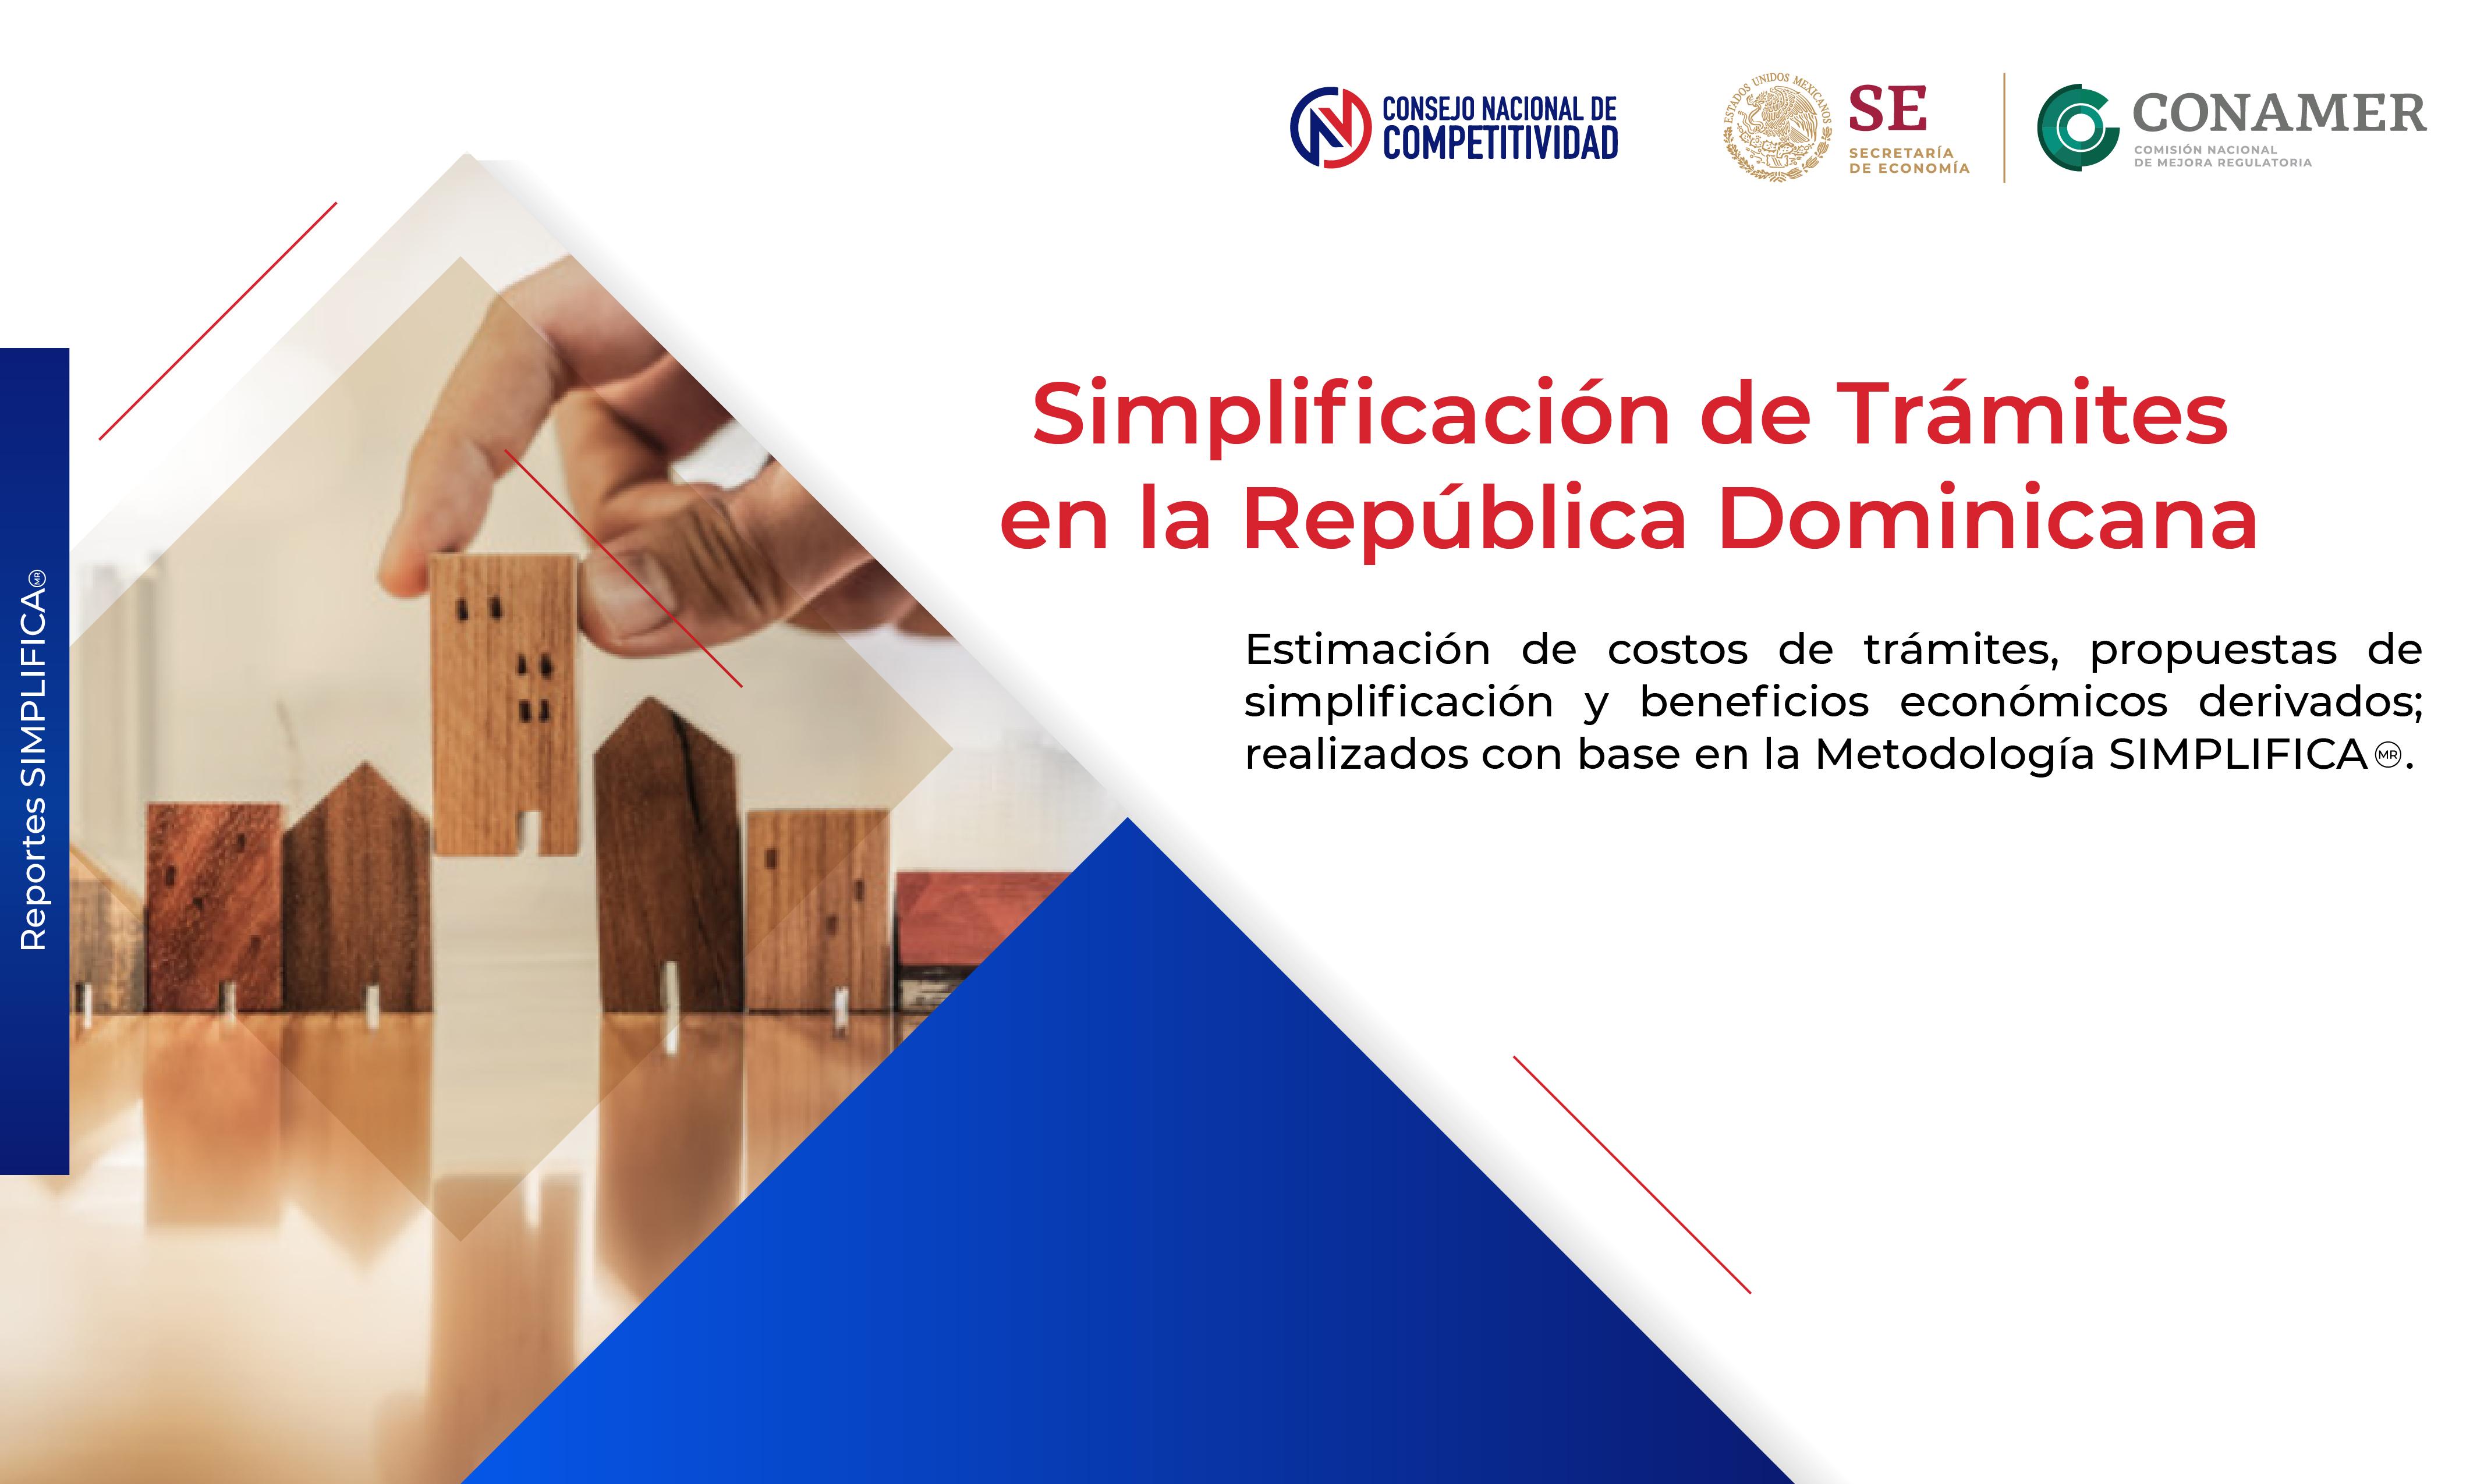 Simplificación de Trámites en la República Dominicana